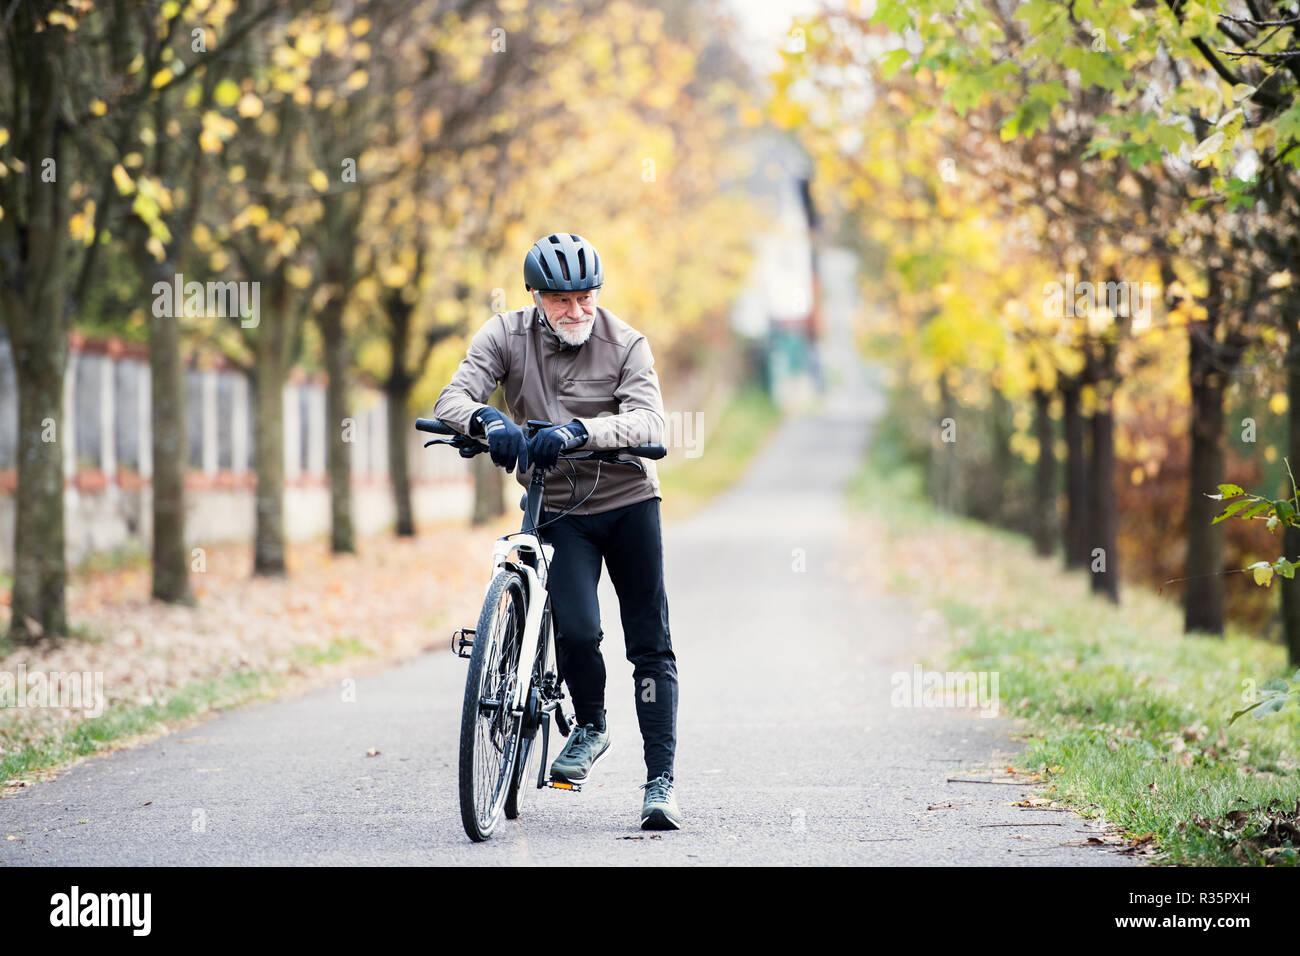 Hombre con electrobike senior activo de pie afuera en una carretera en la naturaleza. Foto de stock